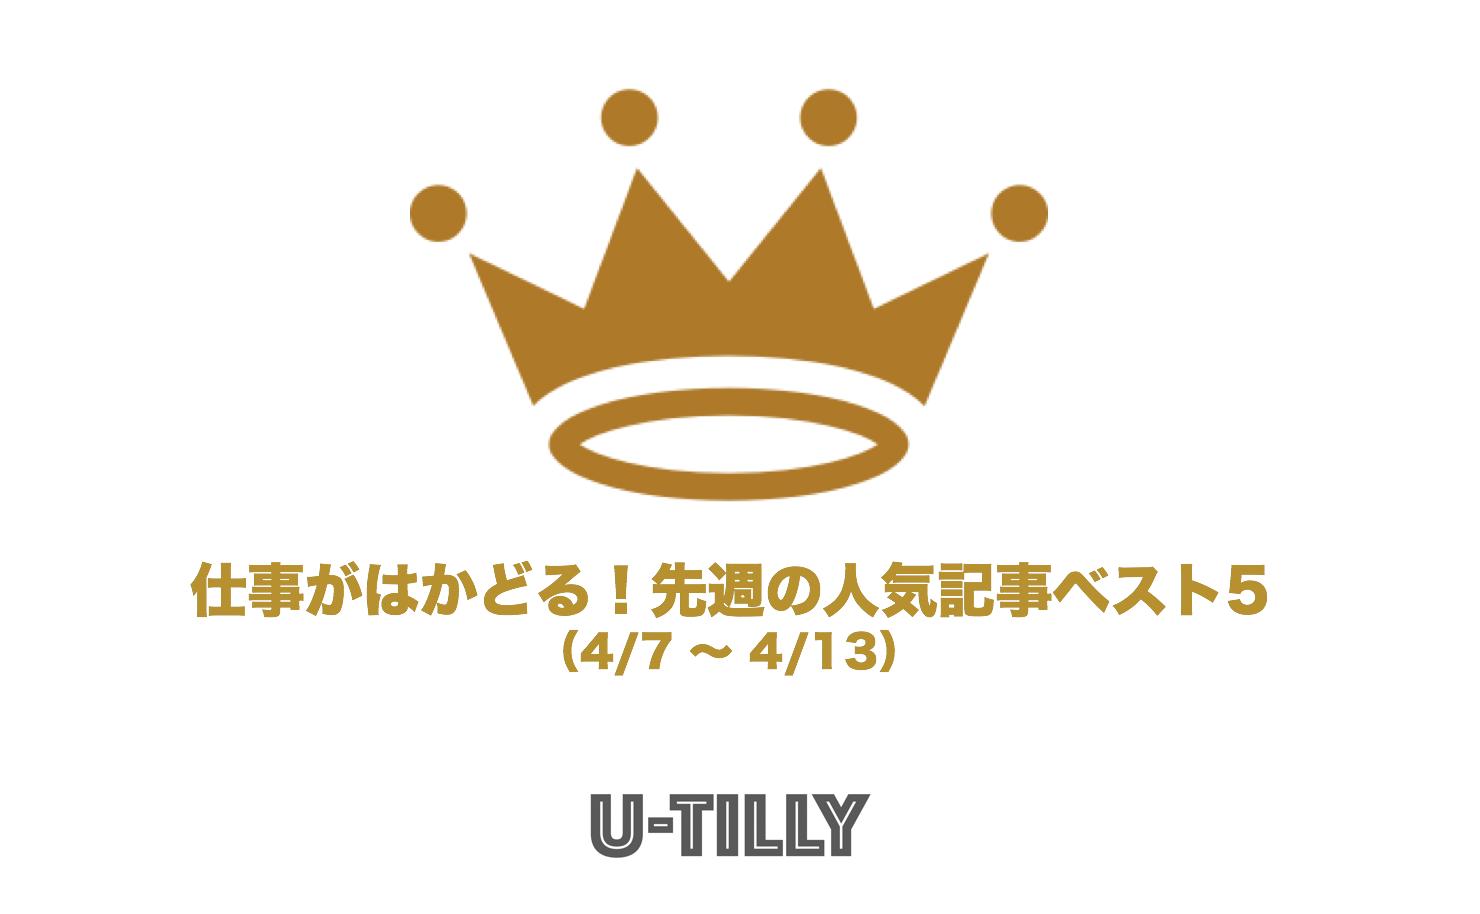 先週の人気記事ランキングベスト5を紹介!(2019/4/7〜4/13)